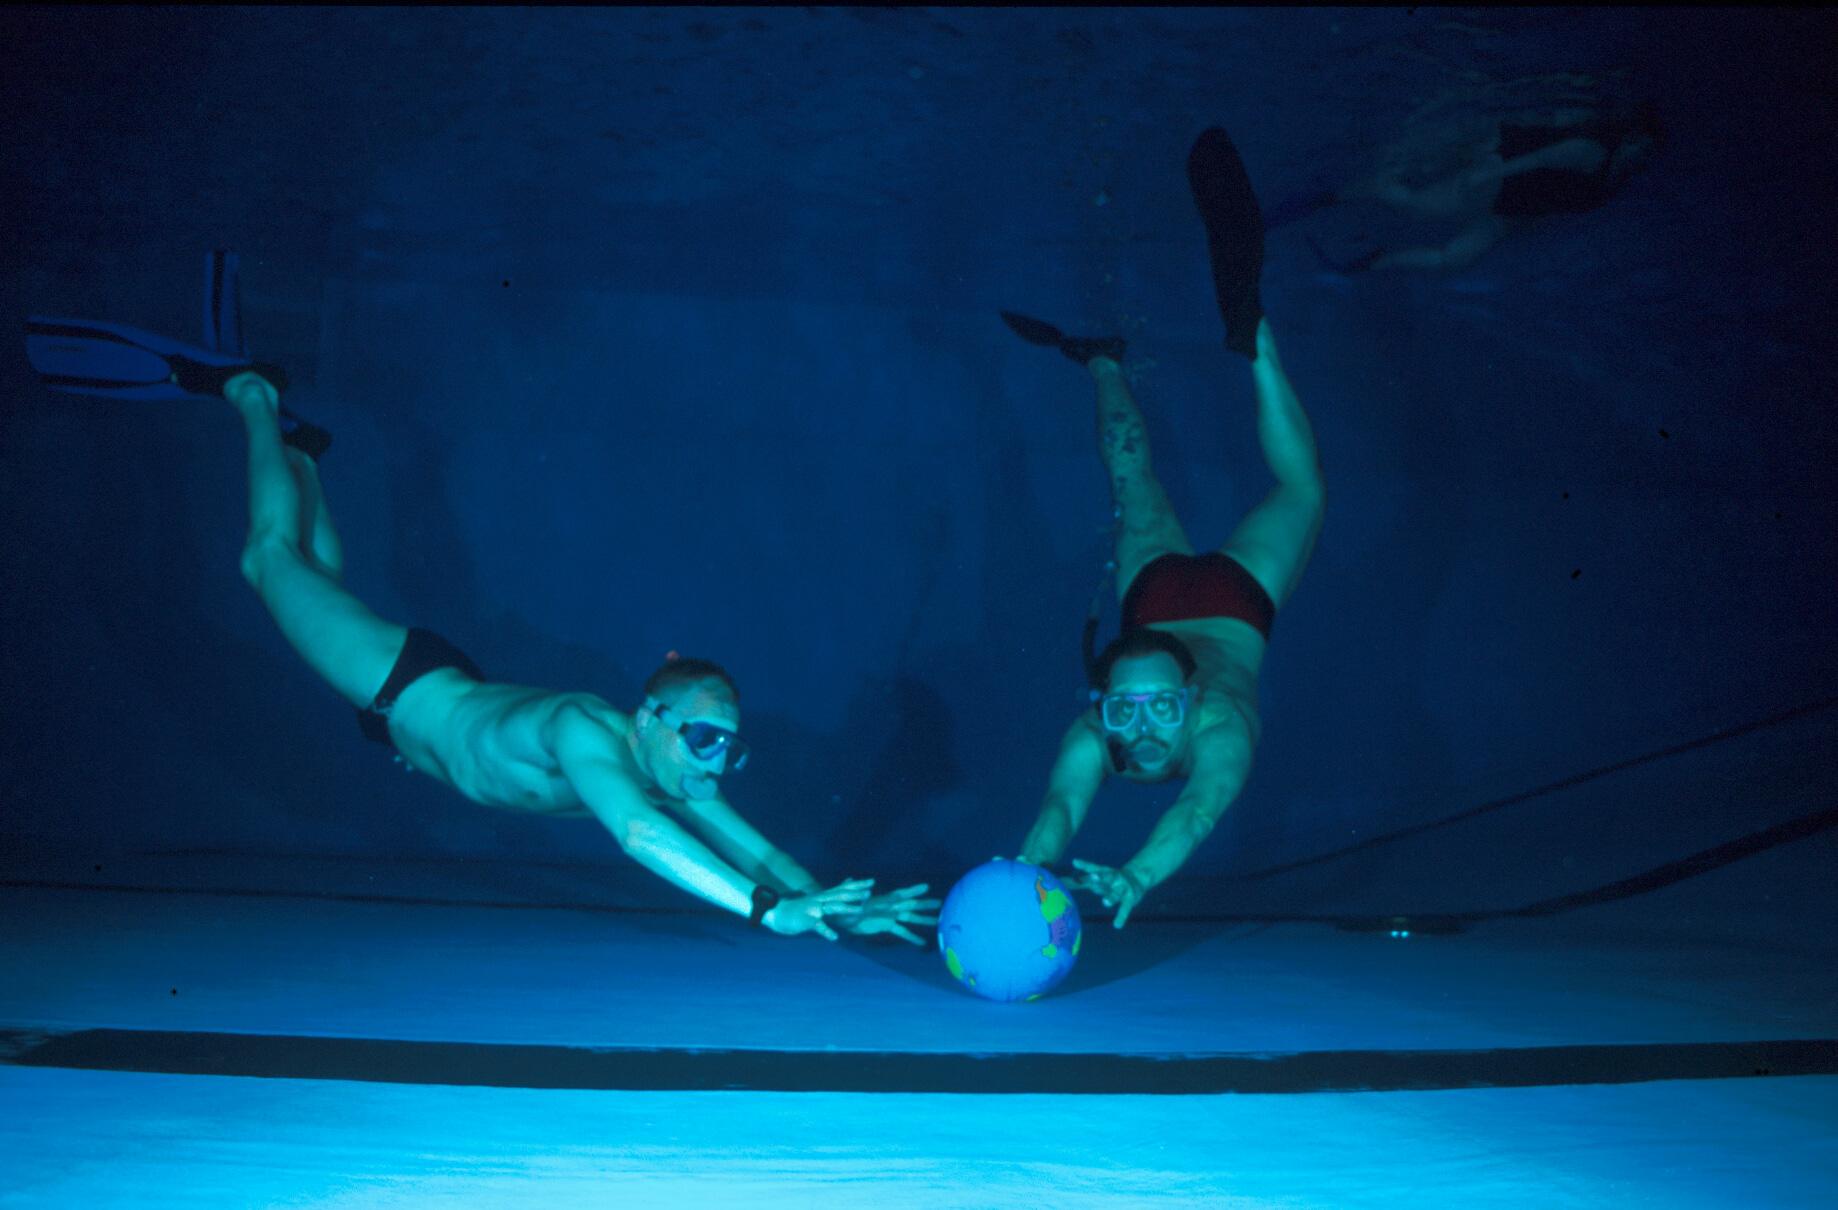 Unser Vorsitzender Harald Kaiser und Robert Klose beim Unterwasserrugby.